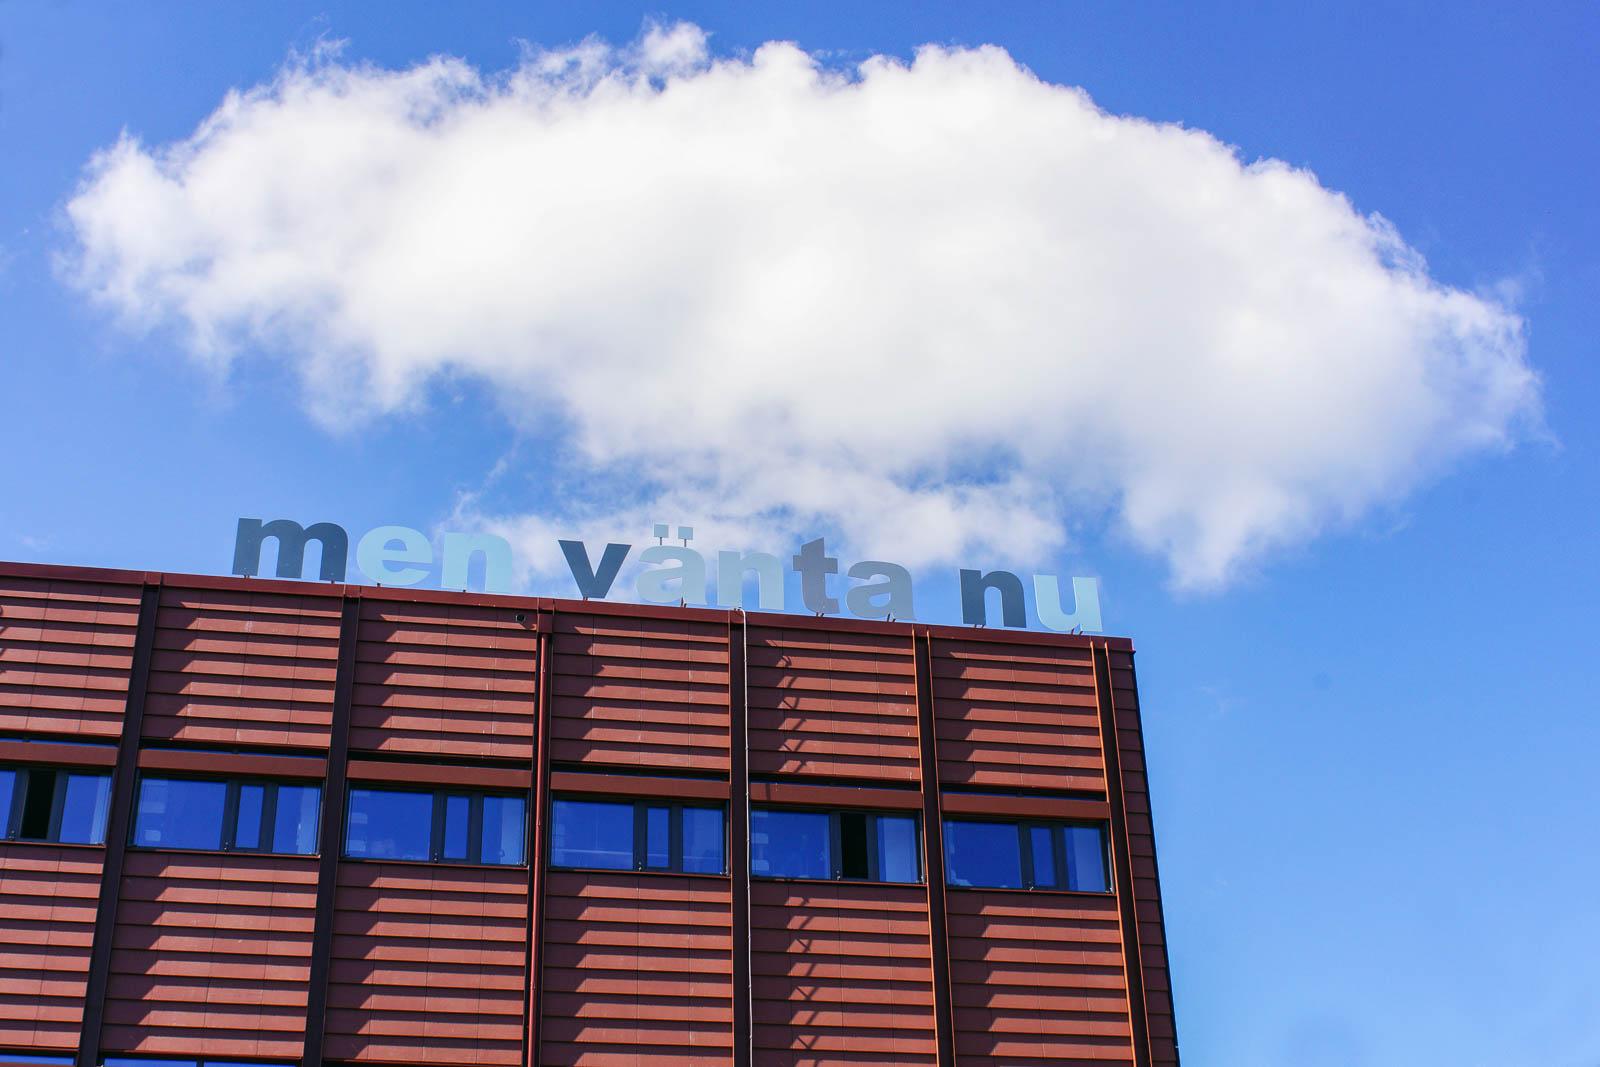 """Ett rött flervåningshus. På taket avtecknar sig mot himlen bokstäver i skiftande nyanser av blått. Det står: """"Men vänta nu"""". Annika Ström, men vänta nu, 2014."""